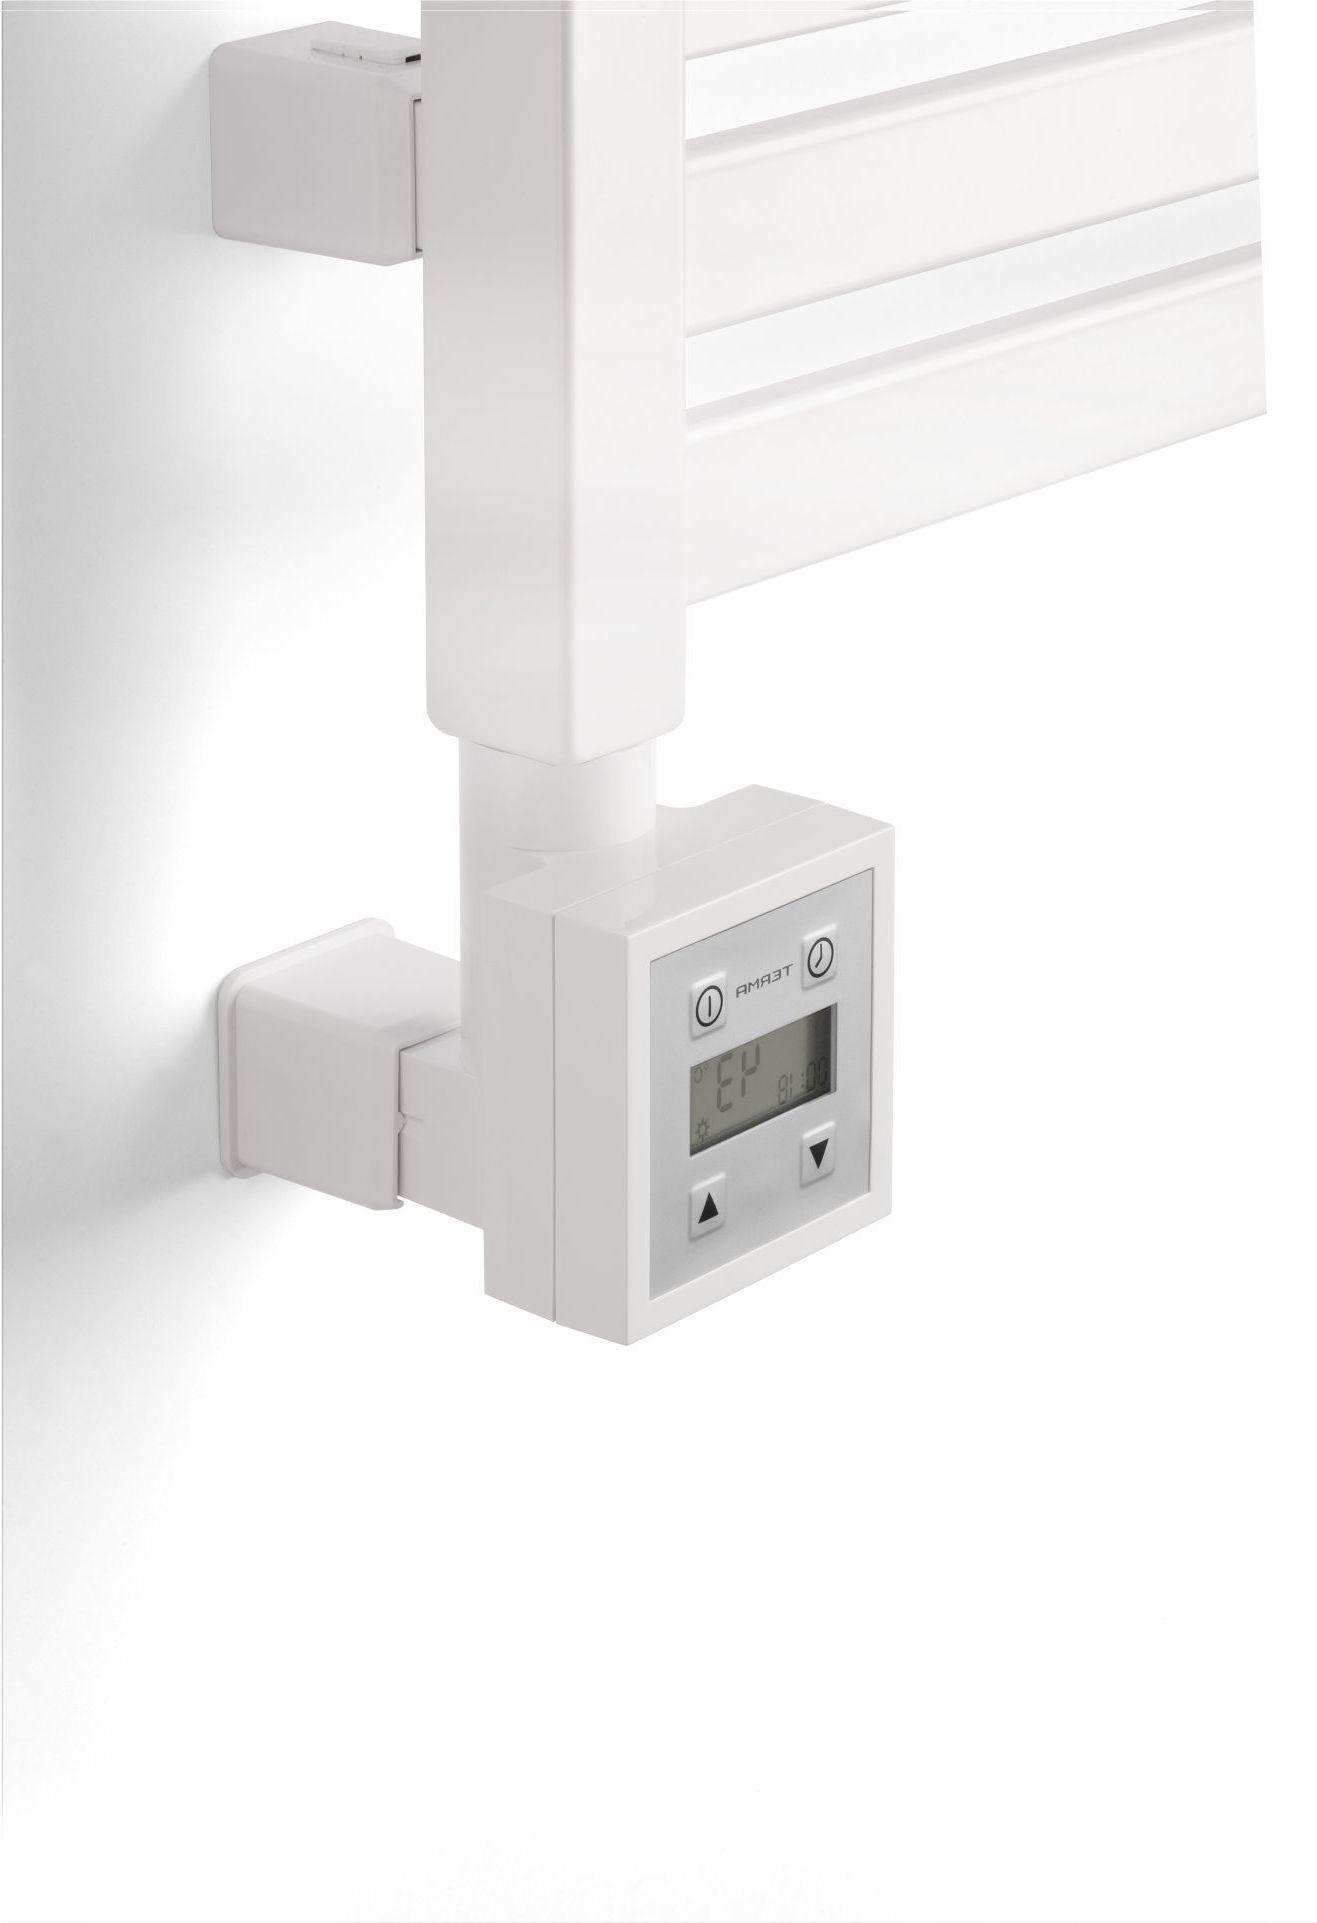 Тен для полотенцесушителя с блоком управления KTX - 3